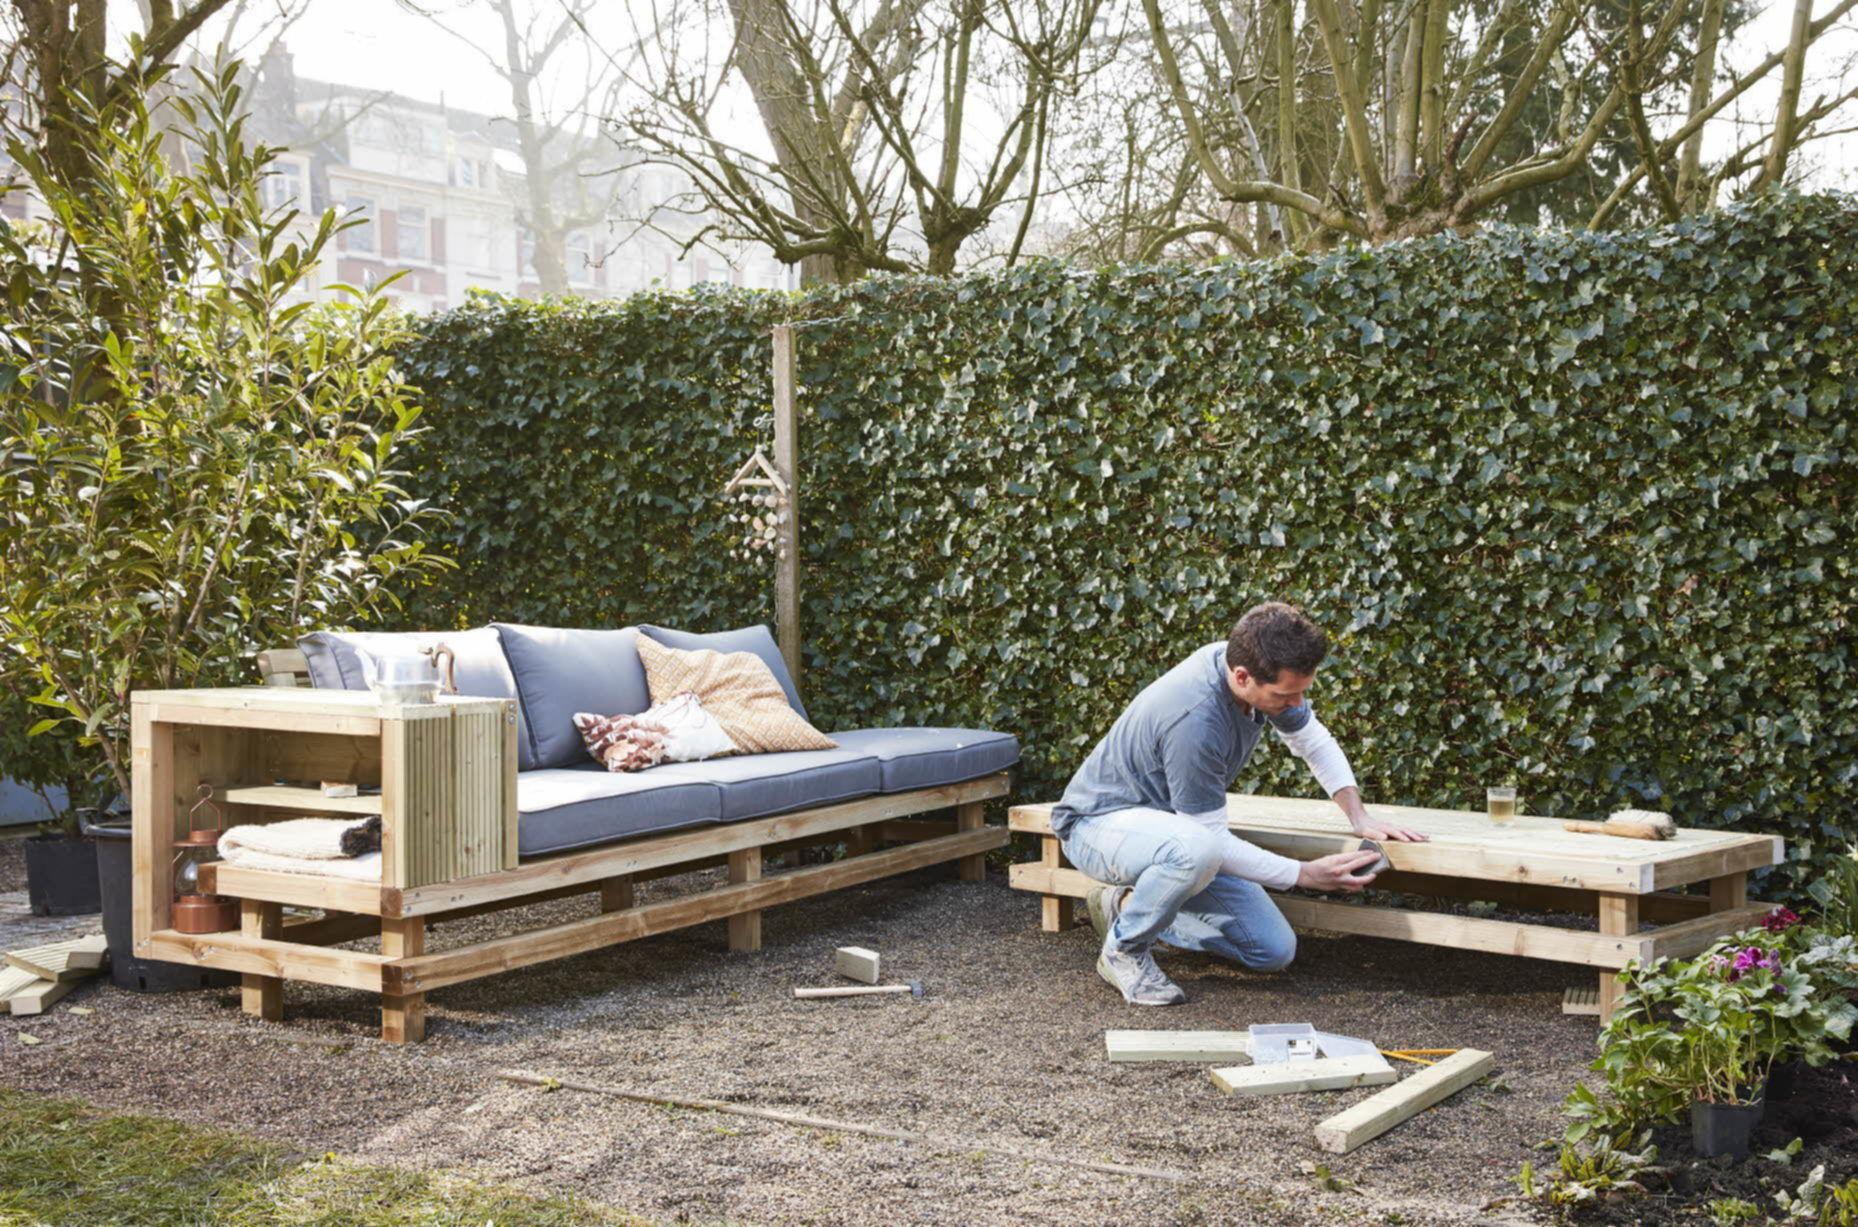 Tuinmeubel maken inspiratie voor tuinmeubels praxis blog for Tuin praxis